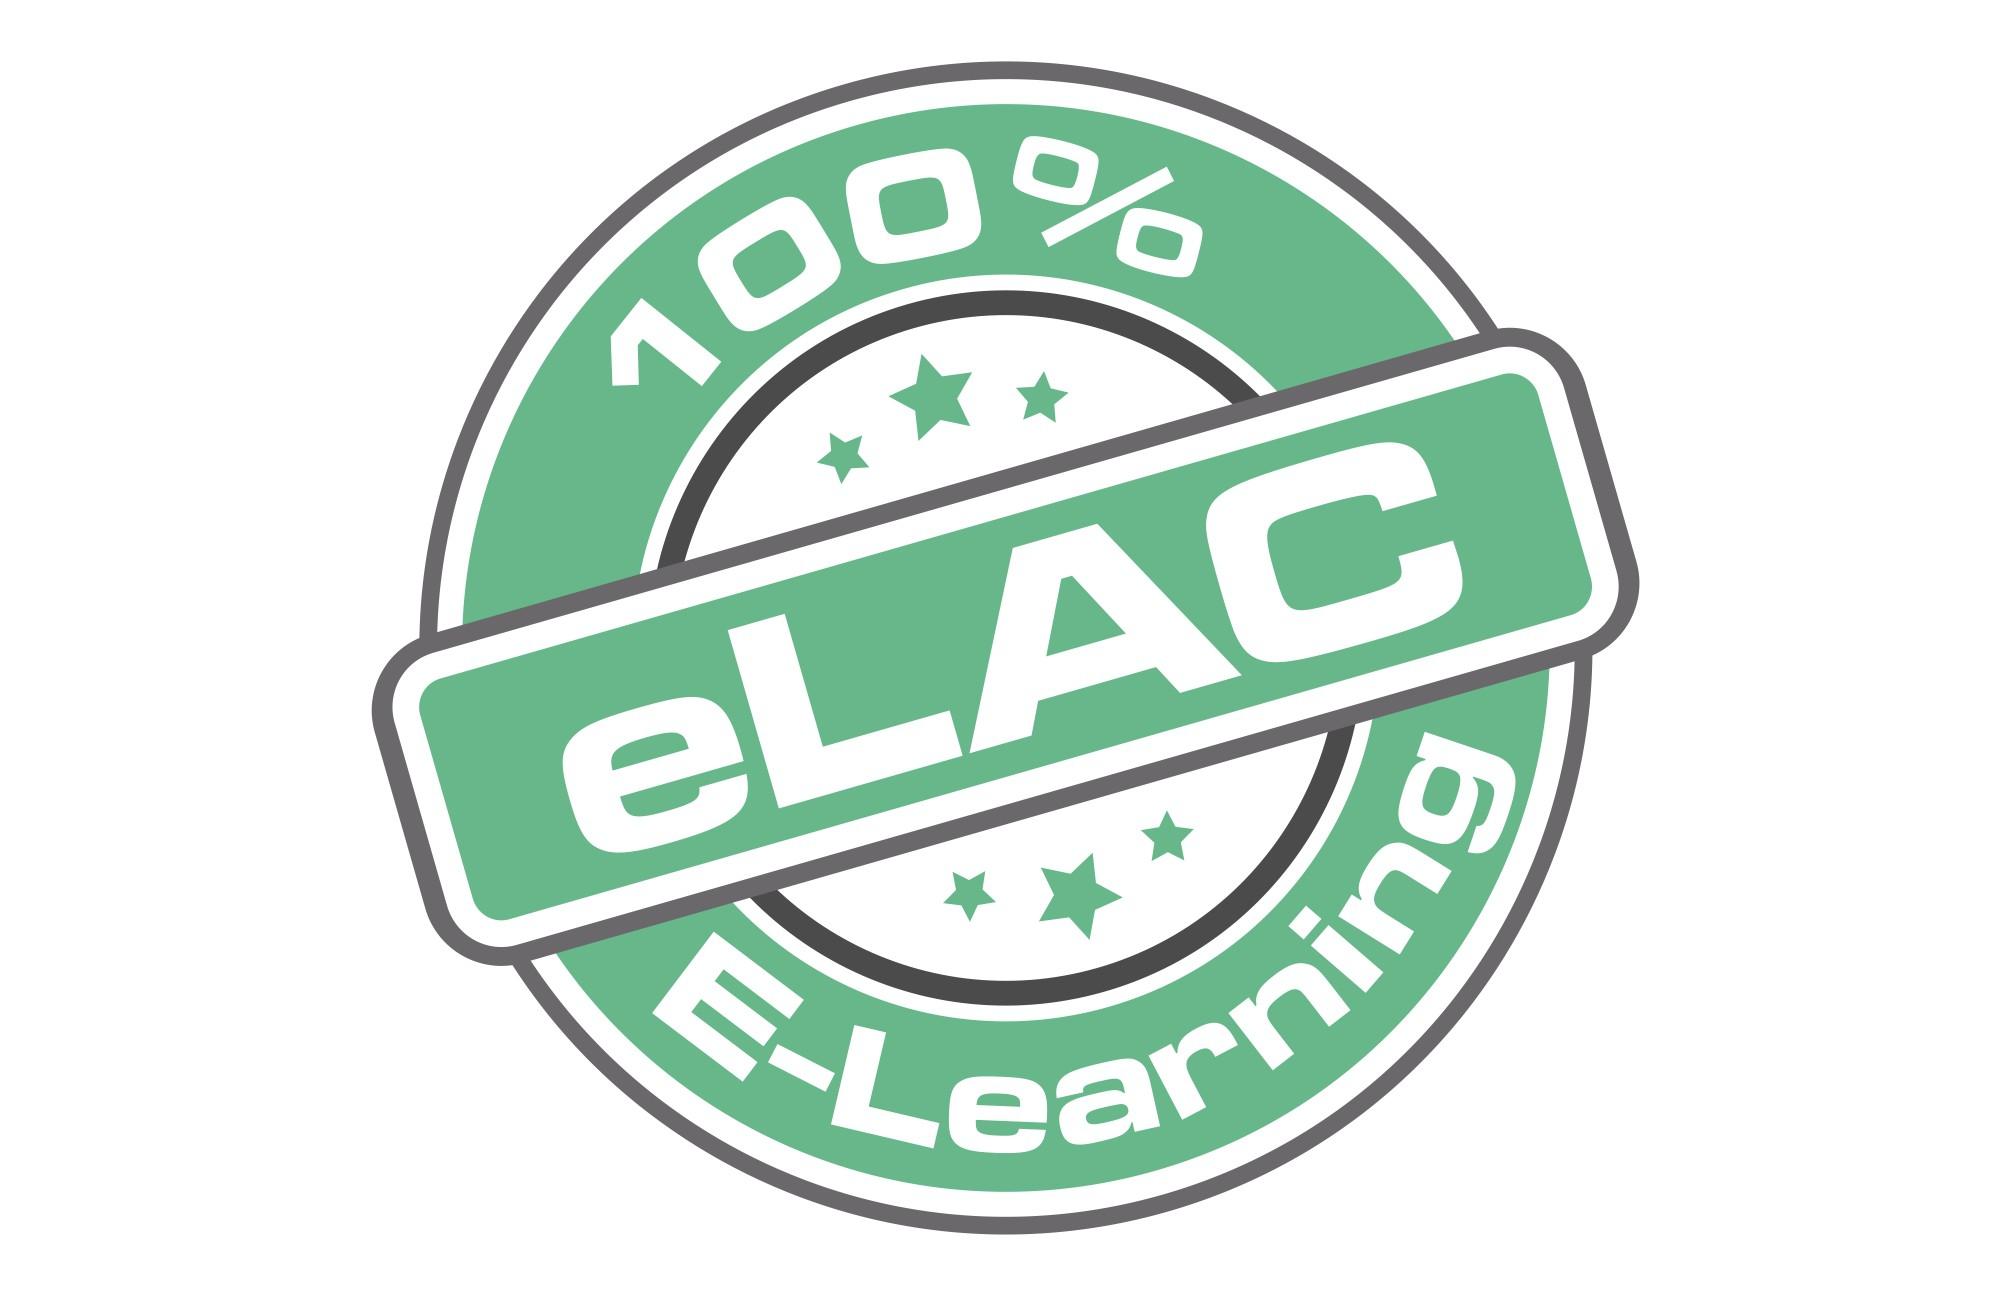 100% online-Studium braucht ein Logo